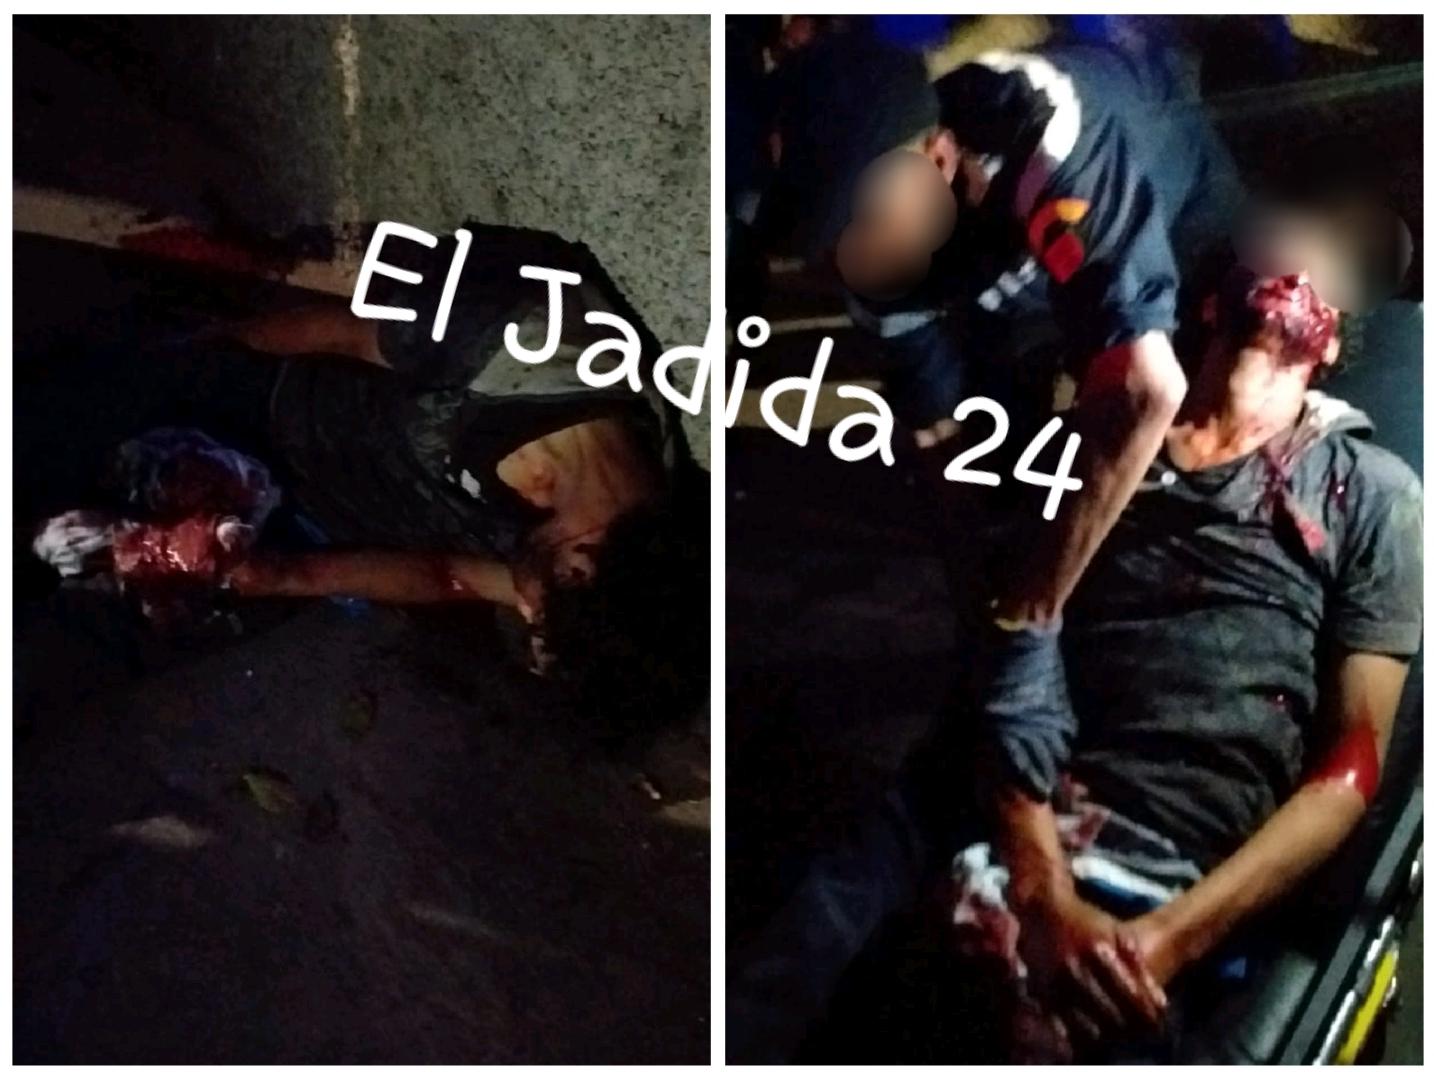 شجار بين مخمورين قرب مقر الدائرة الثانية للأمن بالجديدة كاد أن ينتهي بجريمة قتل